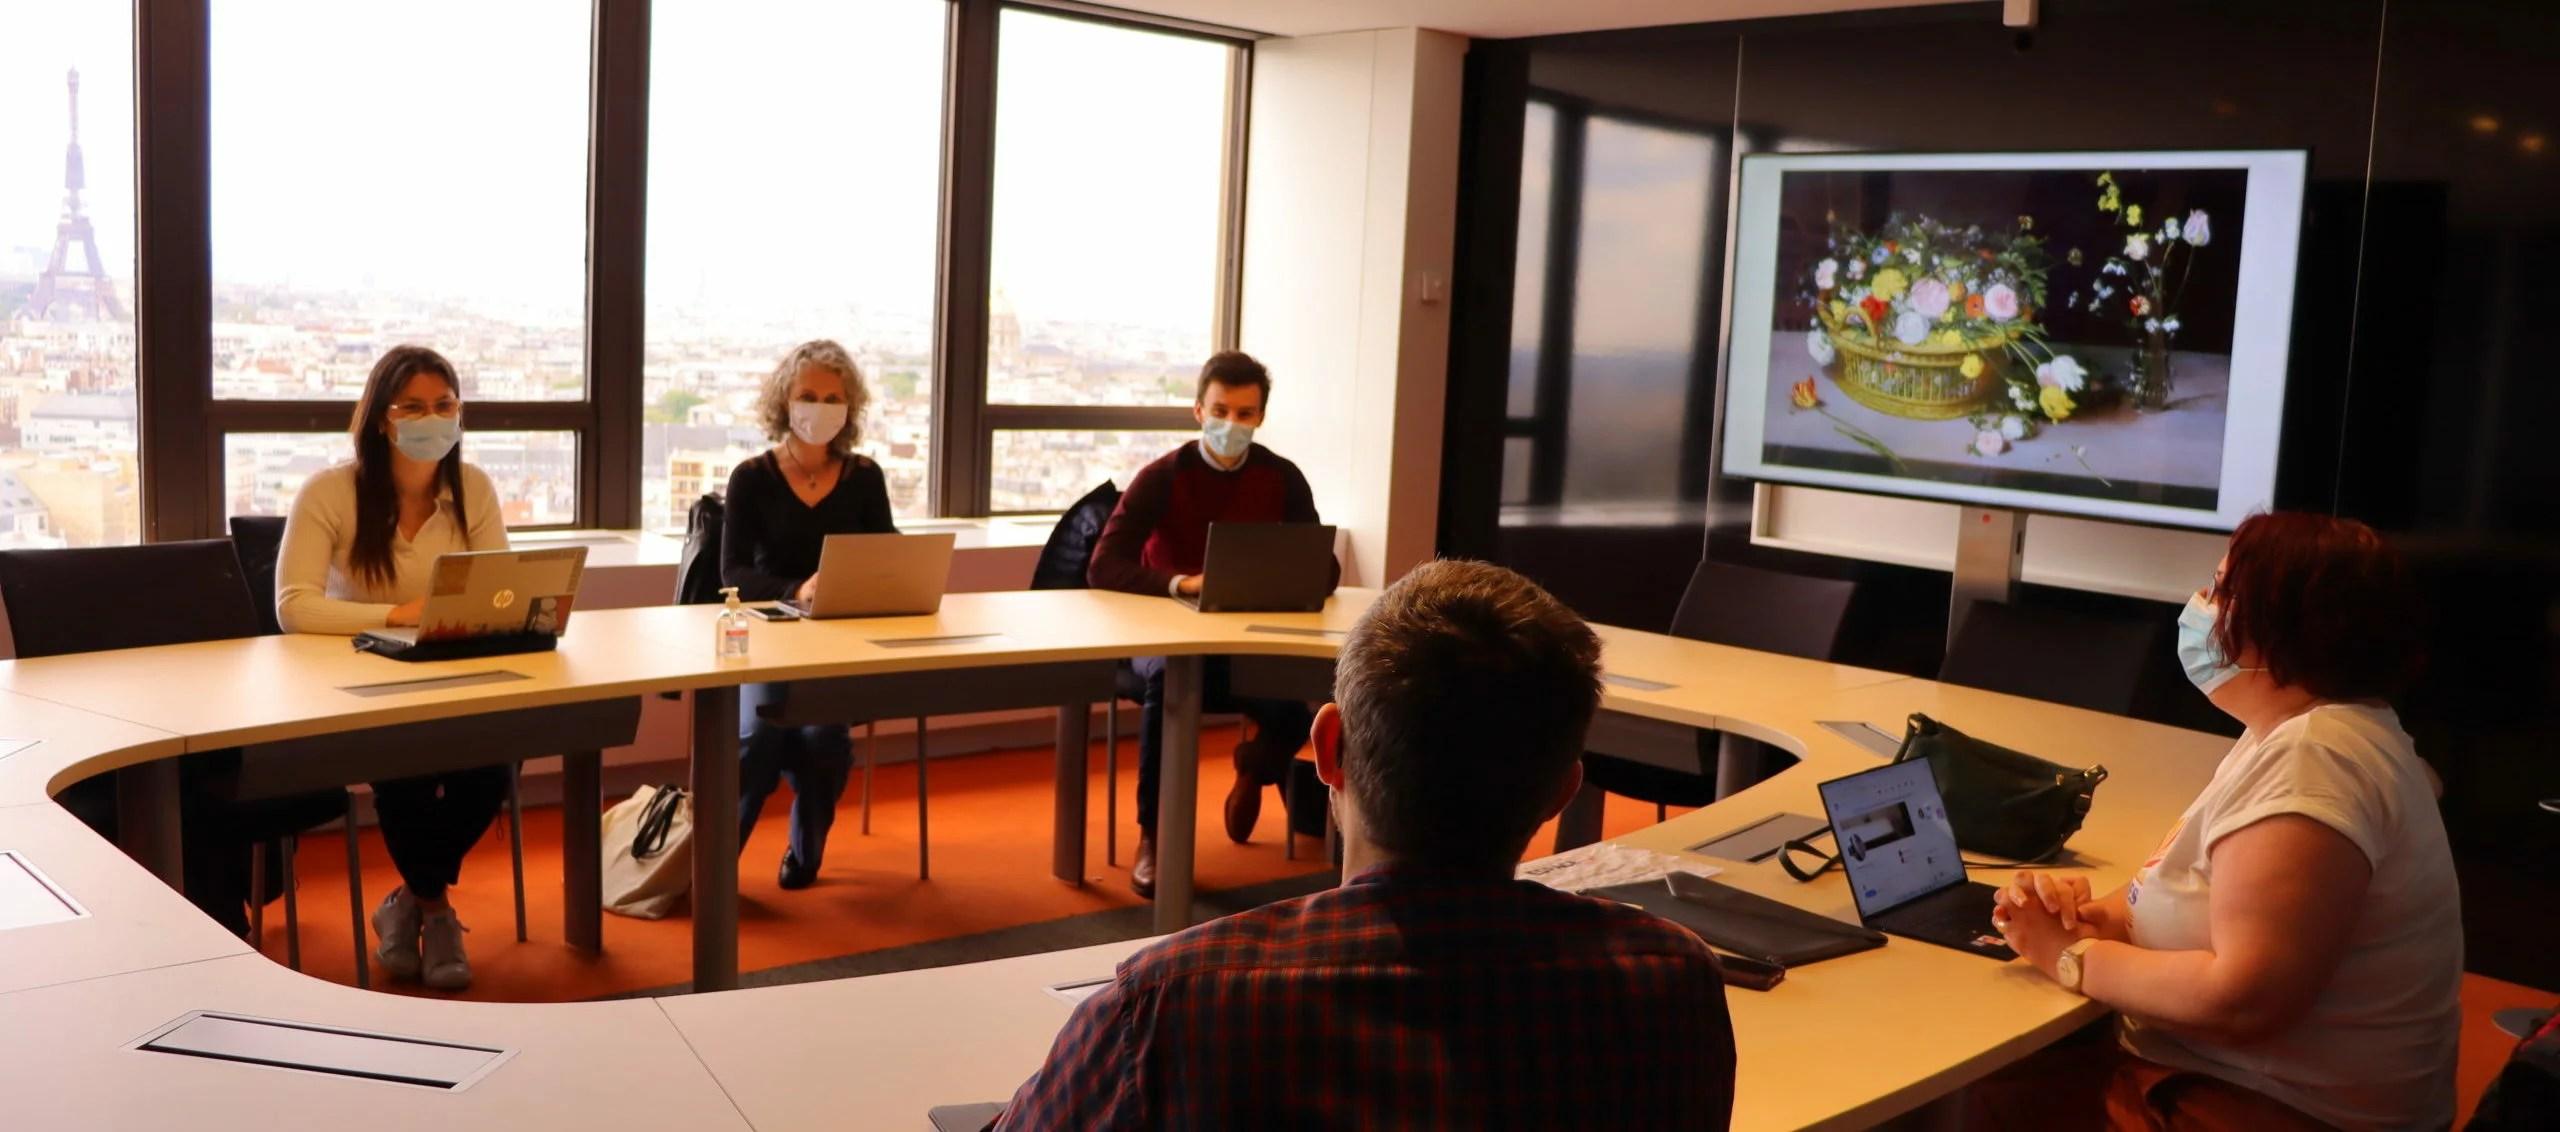 Département de la Mayenne - Box connectée dans une salle de réunion de la Tour Montparnasse